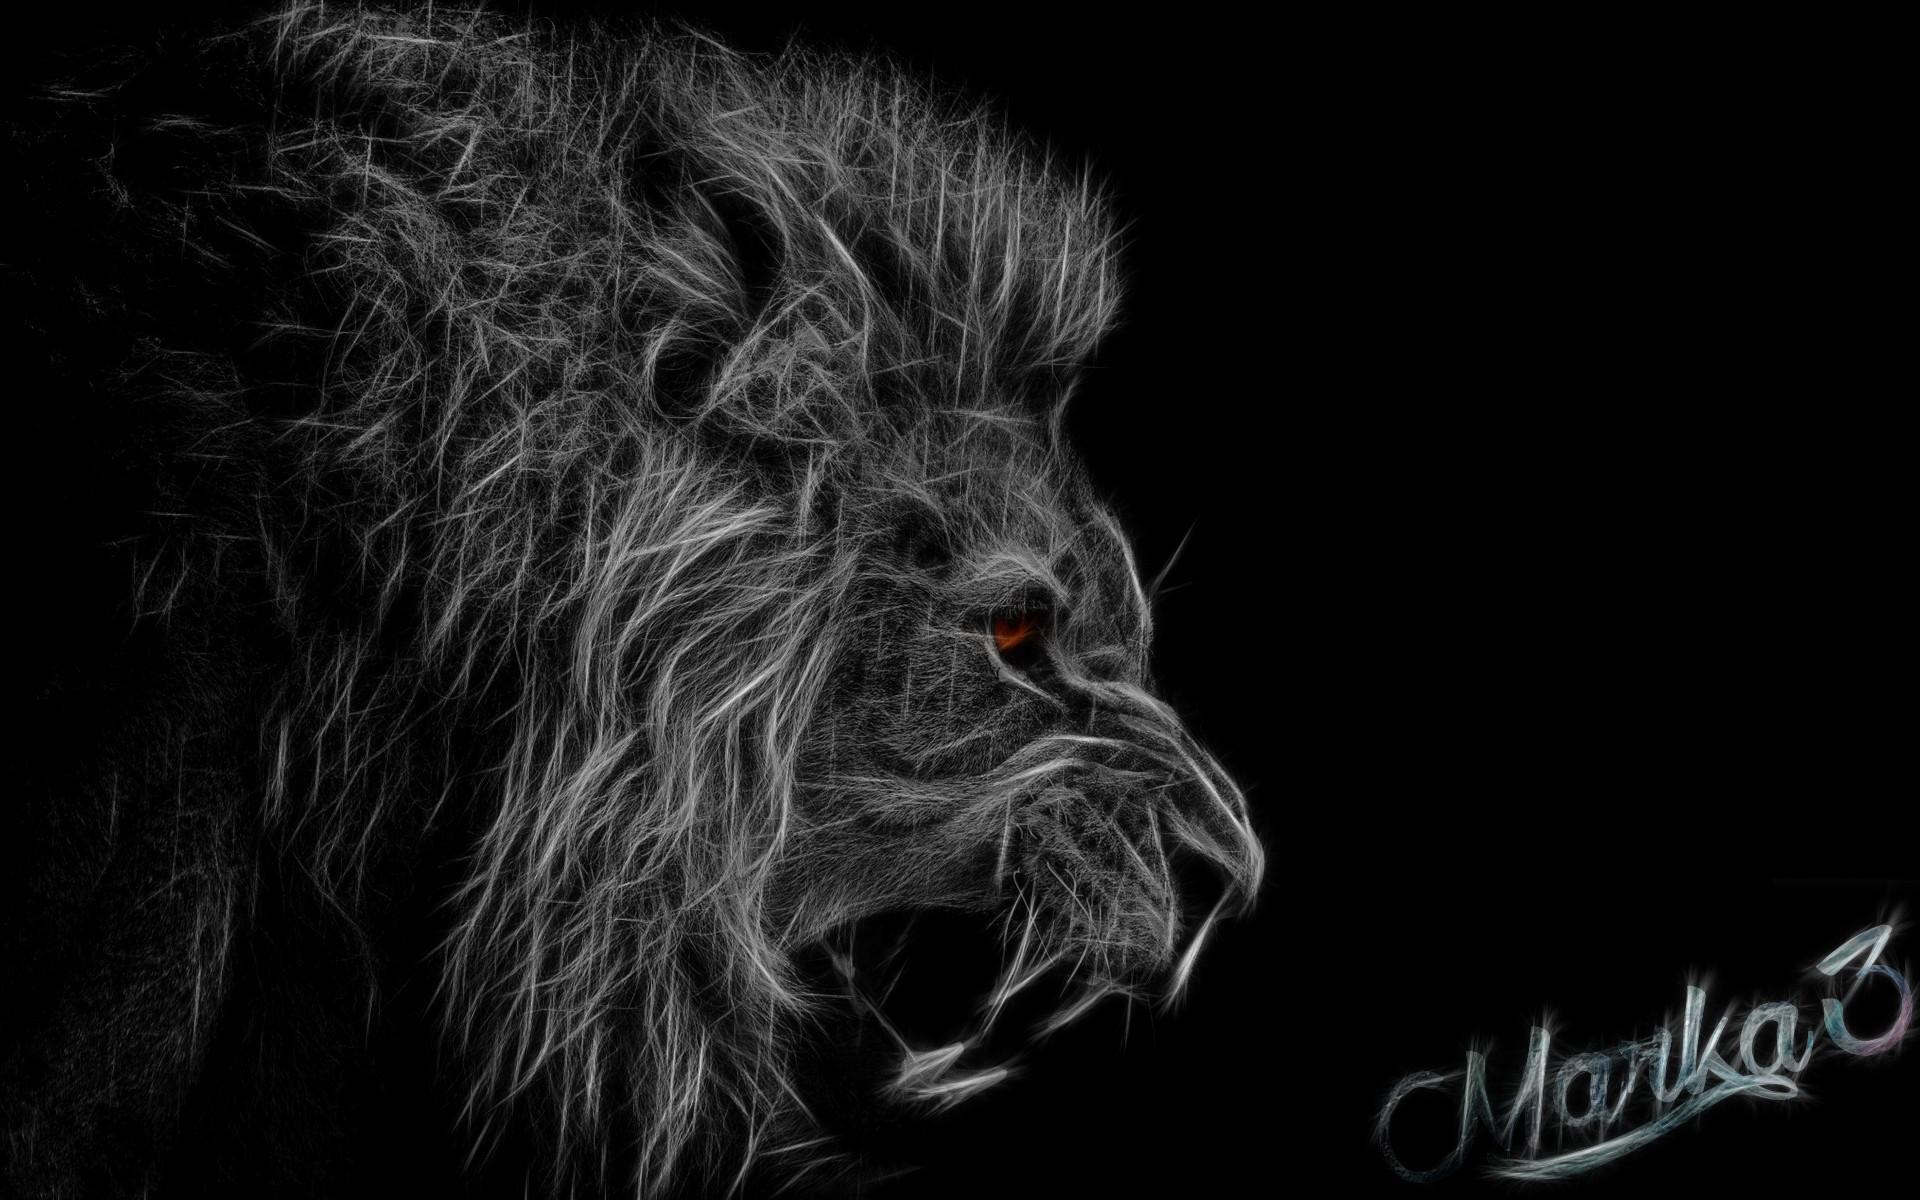 Hintergrundbilder Illustration Einfarbig Löwe Werwolf